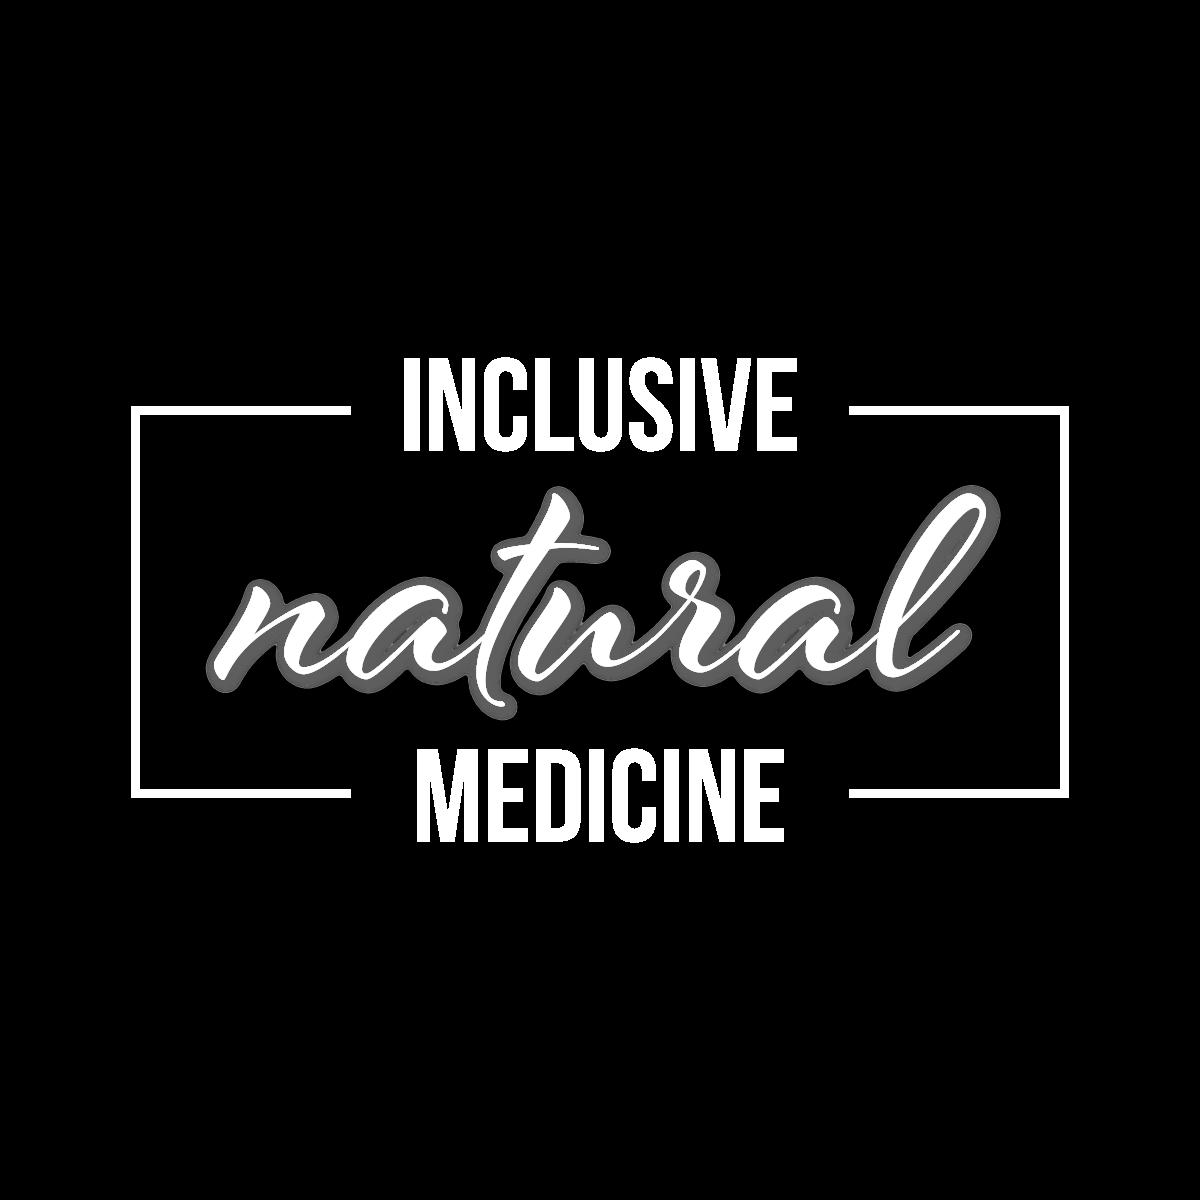 Inclusive Natural Medicine